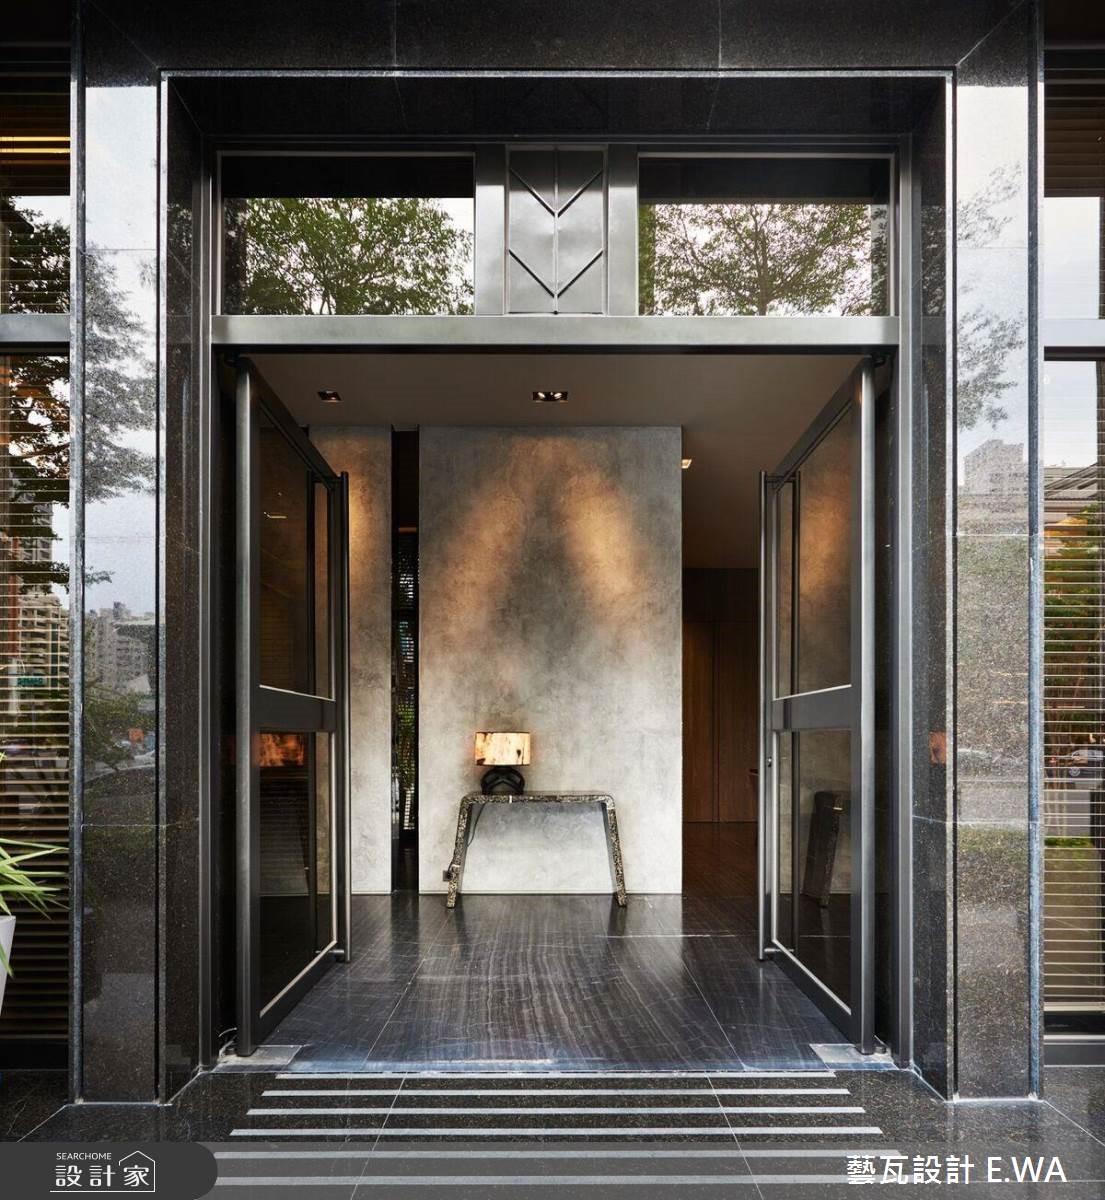 100坪新成屋(5年以下)_現代風商業空間案例圖片_藝瓦室內設計_藝瓦_06之2